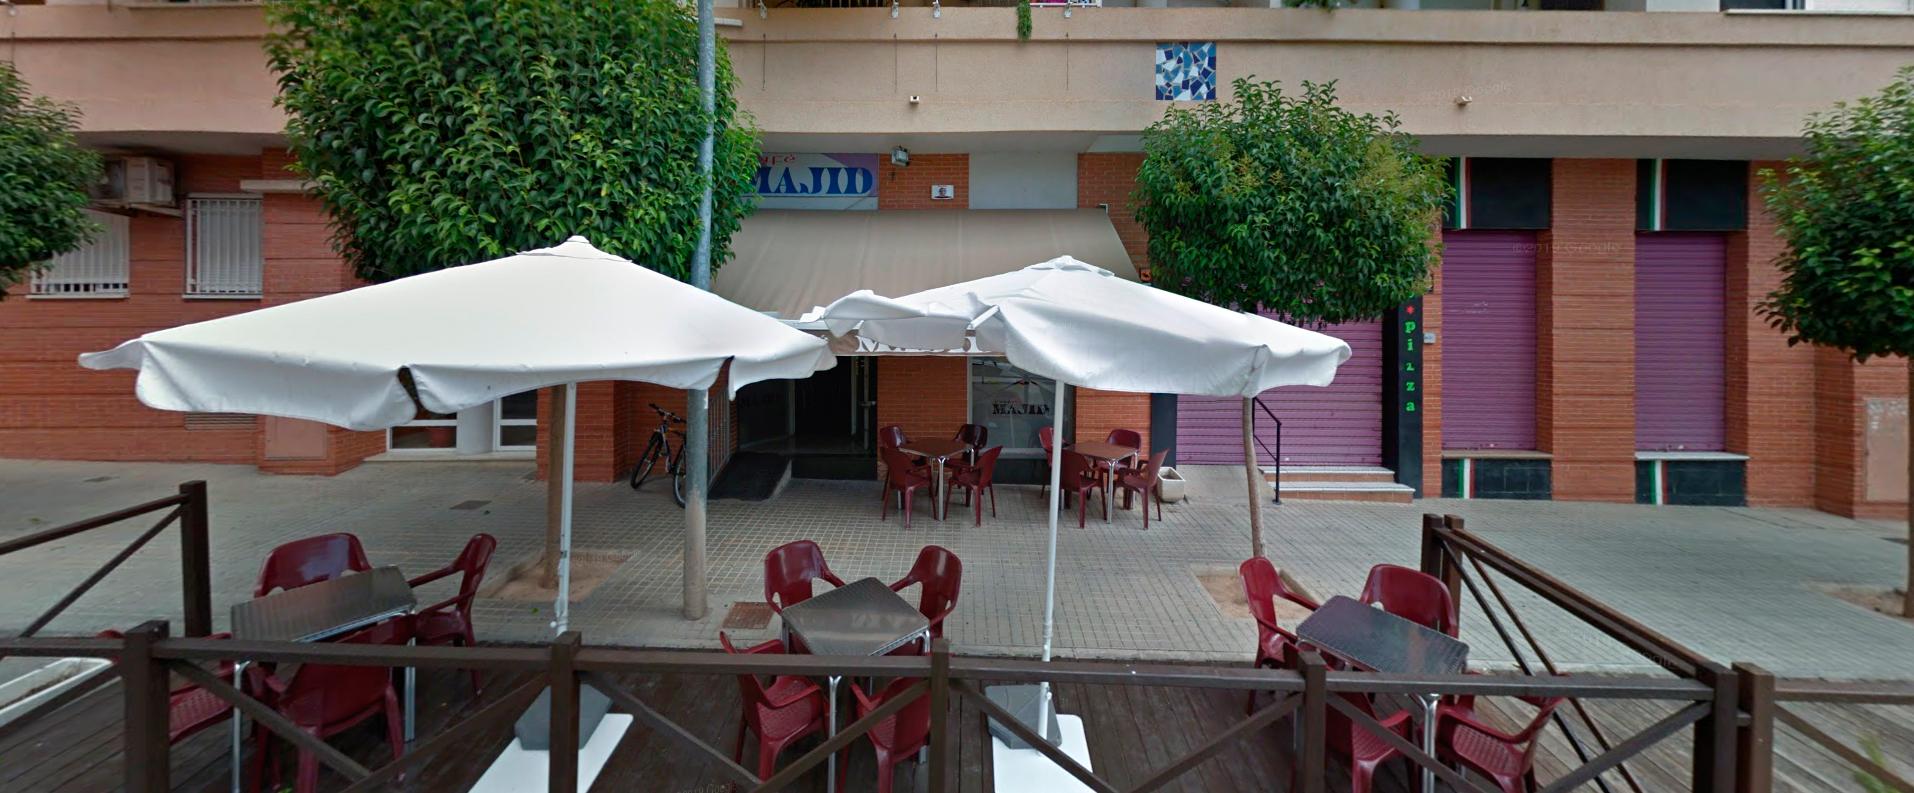 Cafetería Majid